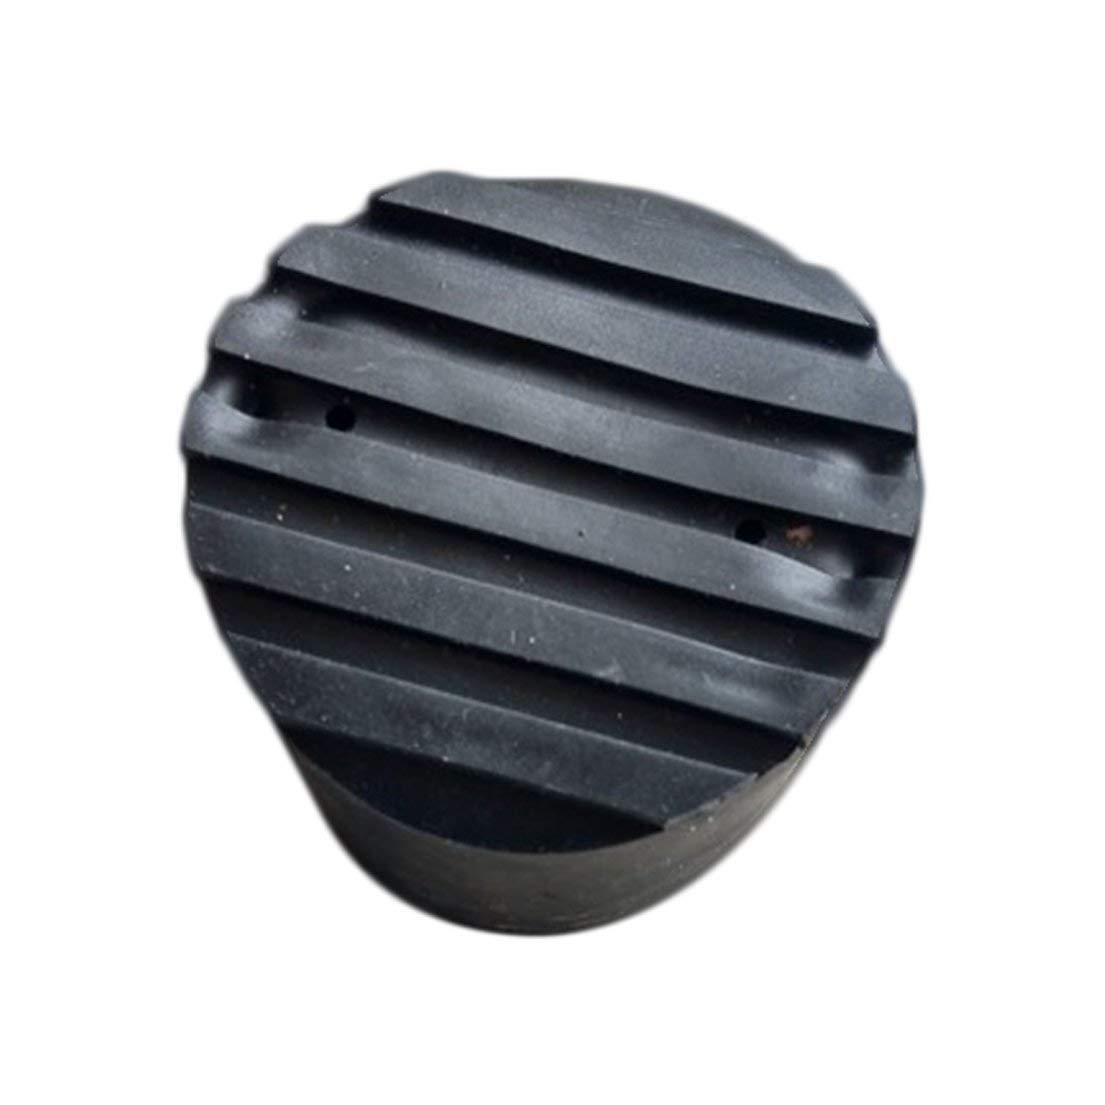 DF-FR /Échelle t/élescopique Couvre-pied rond /Échelle multifonction pliante Couvre-pied en forme d/éventail mat antid/érapant En137 /Échelle universelle couleur: noir de 80 mm de diam/ètre